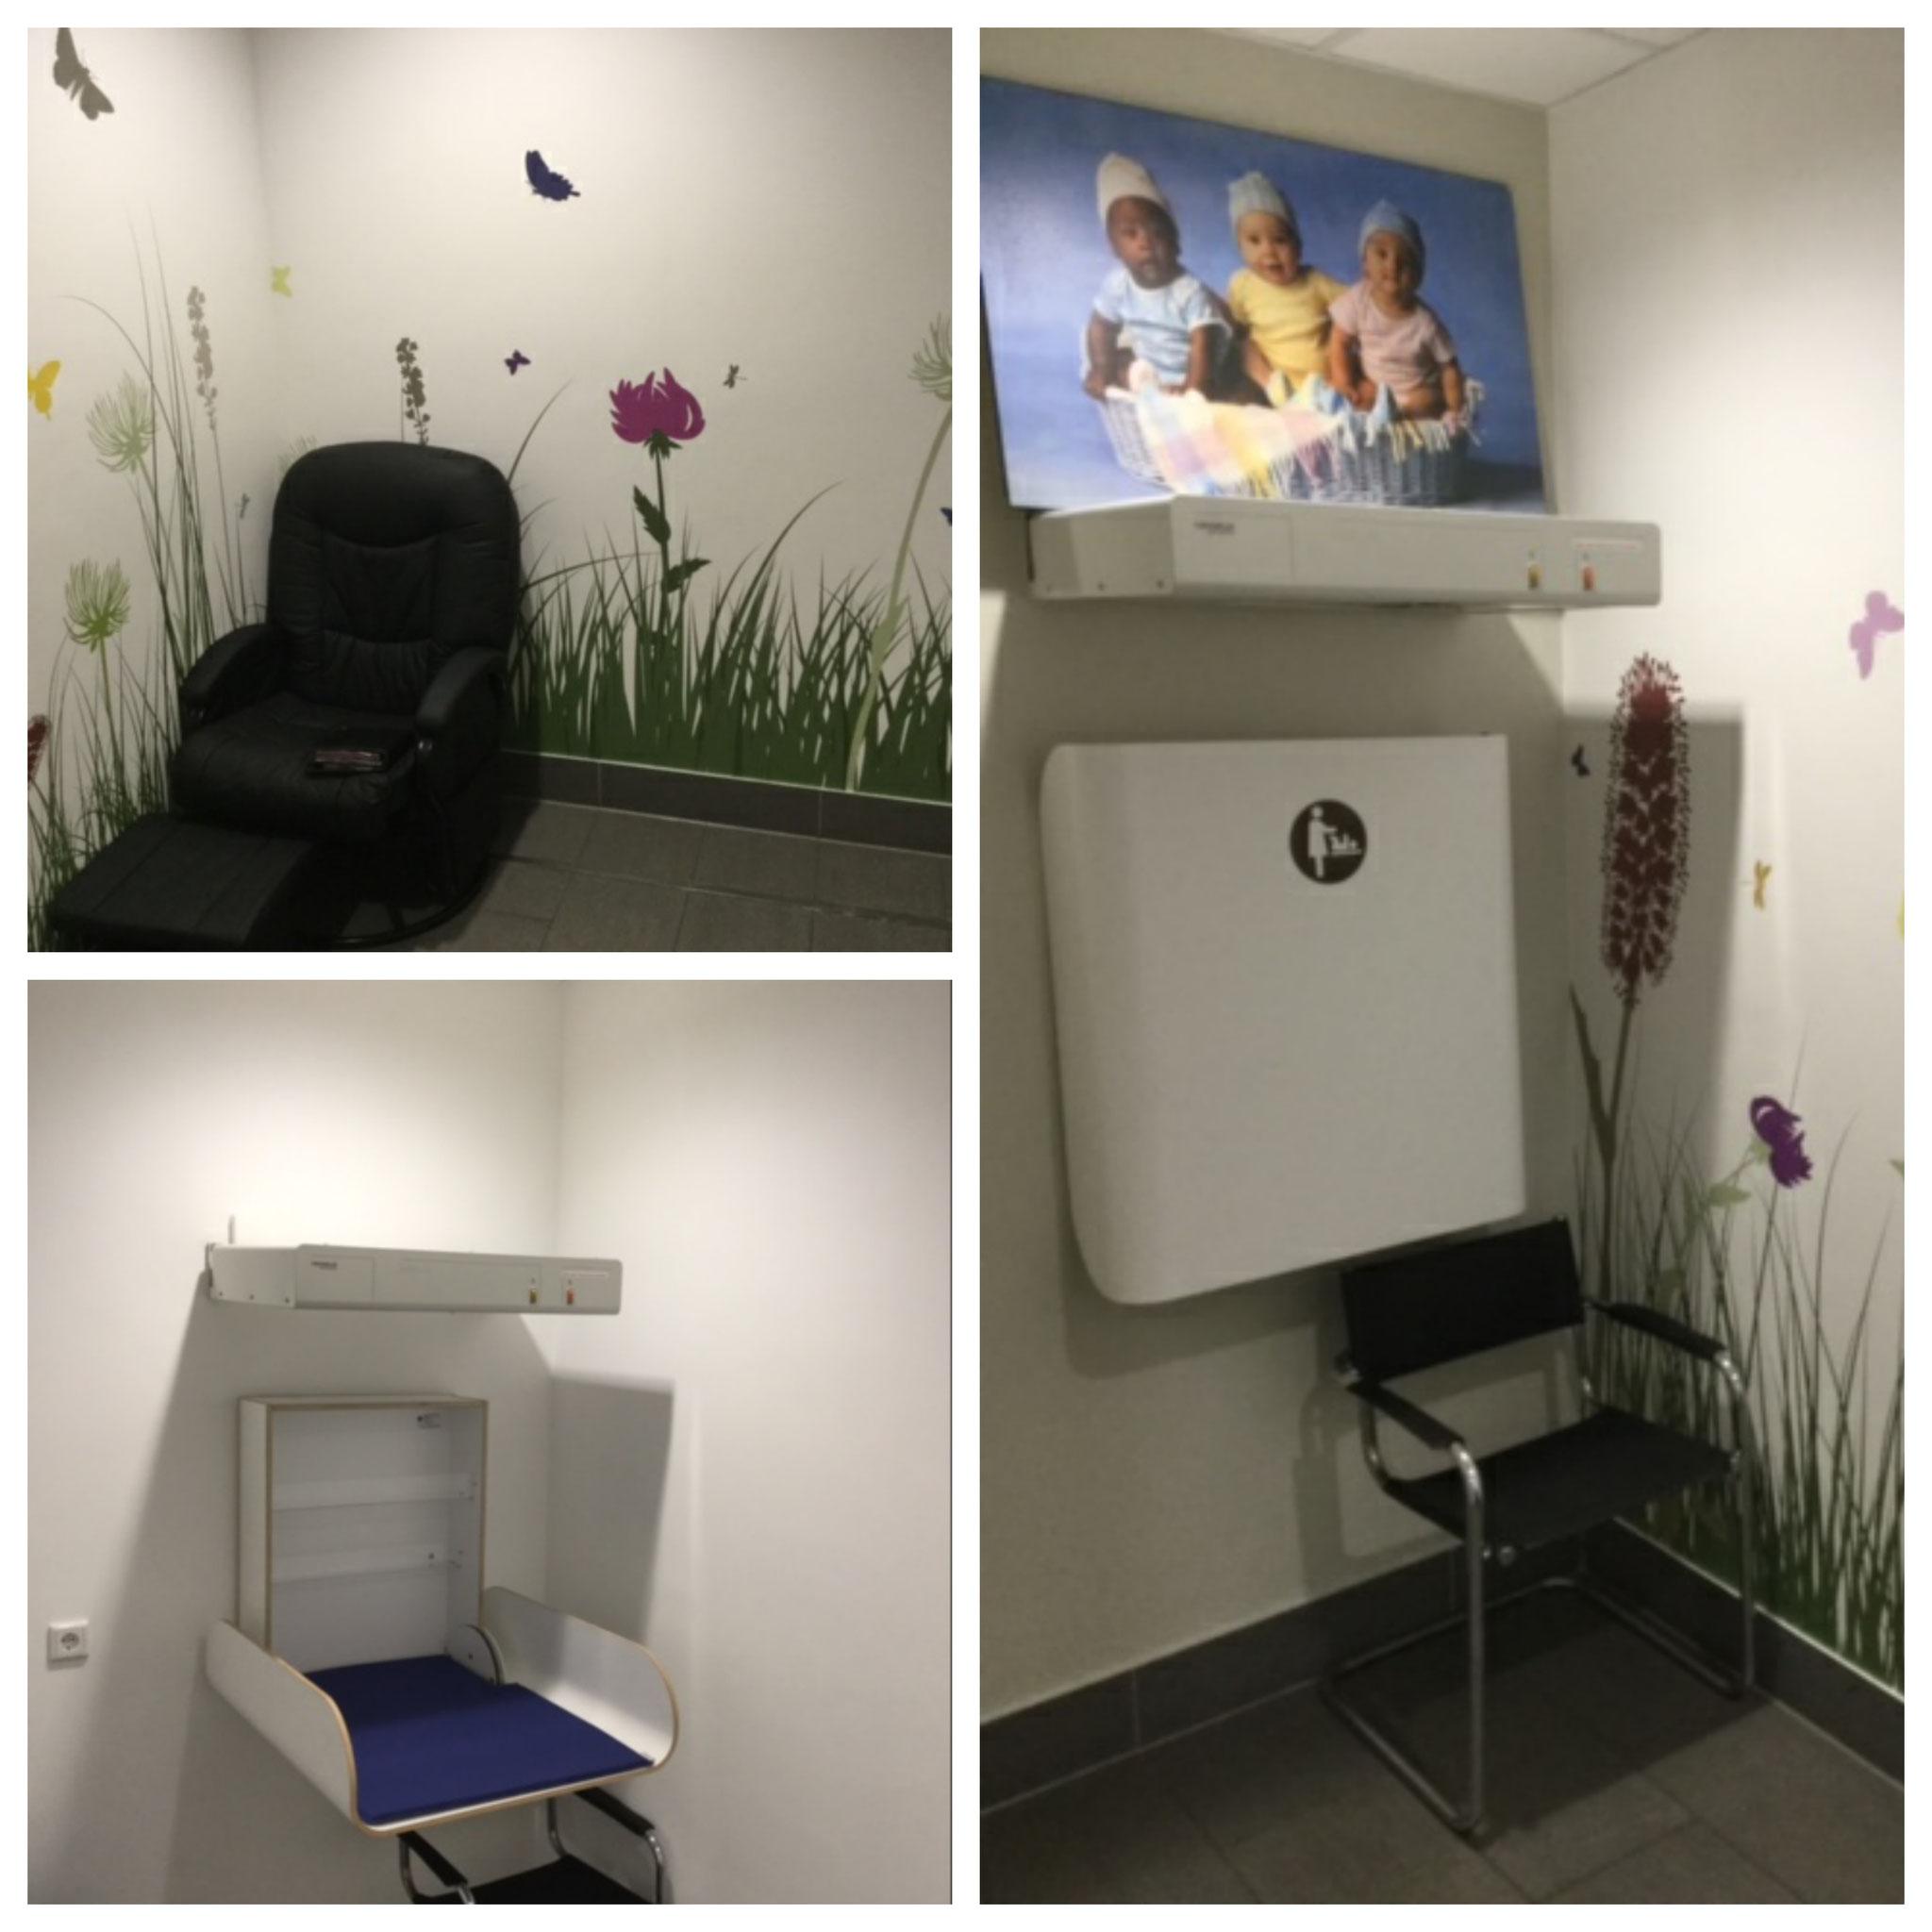 Kunden-WC im Herold Center